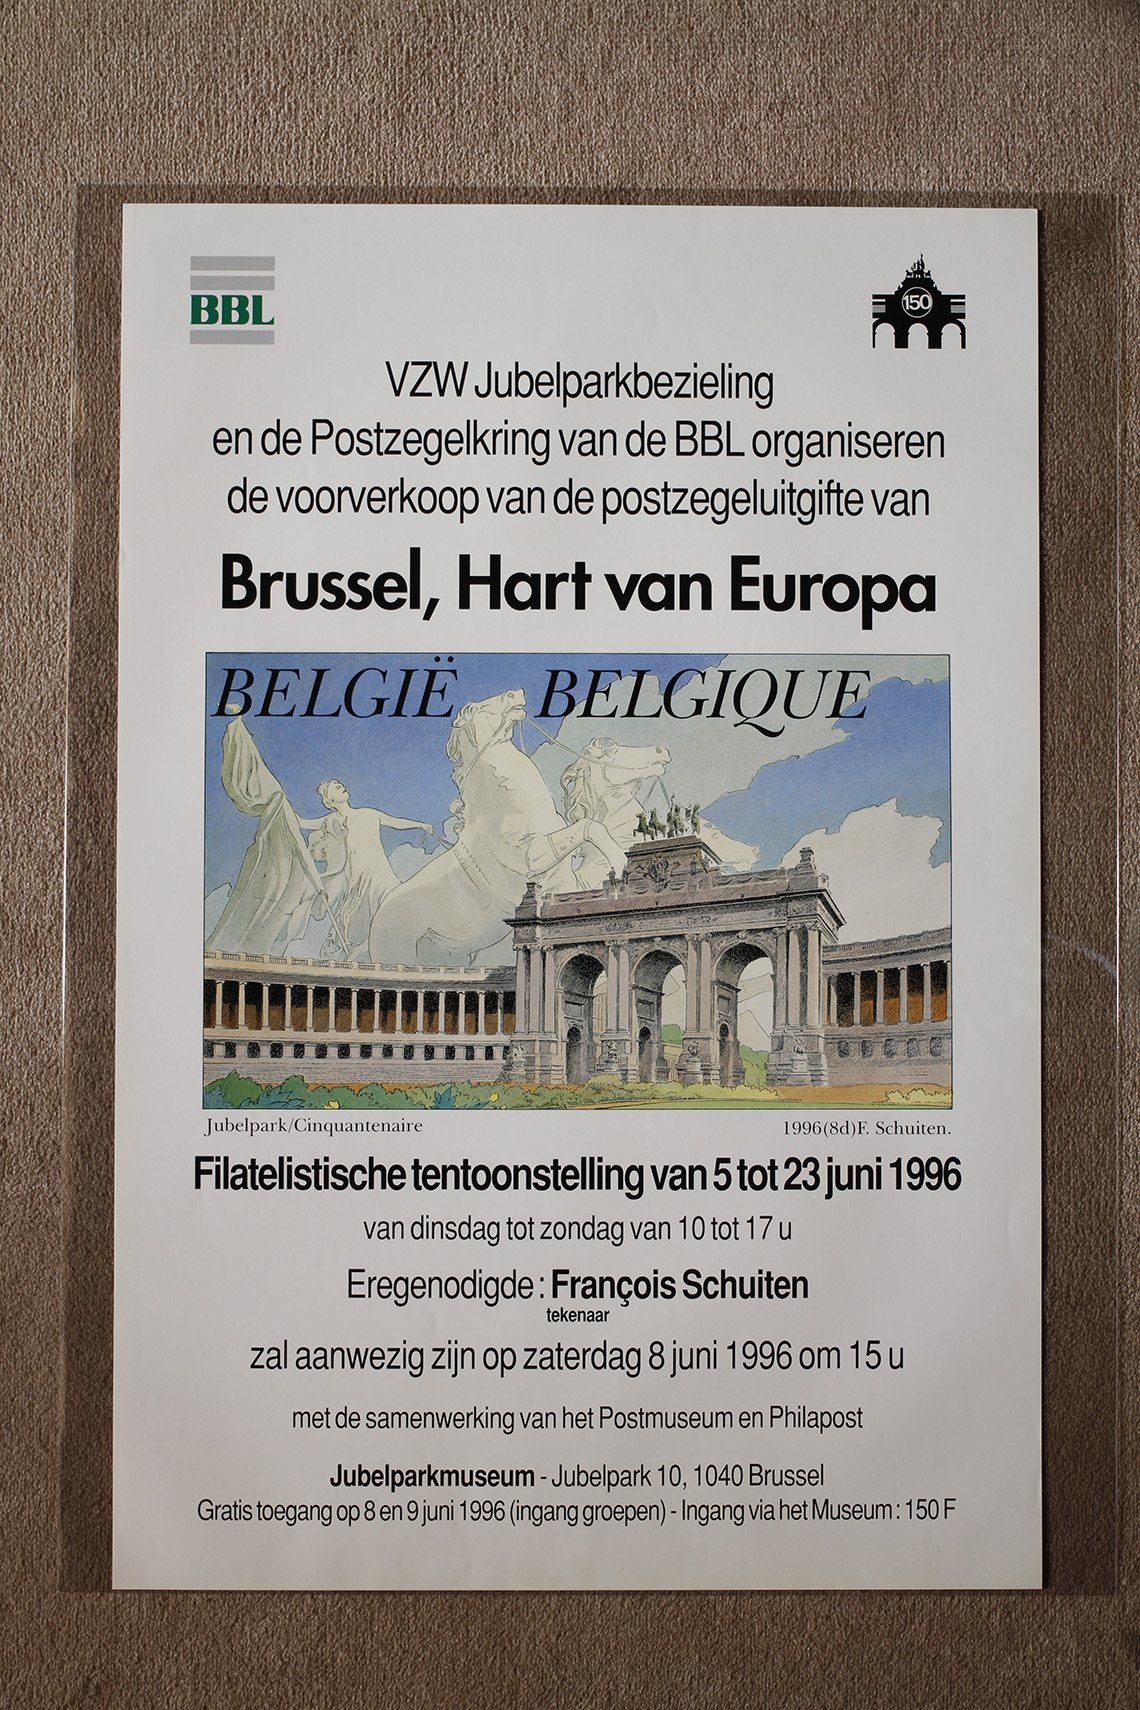 Bruxelles, Hart van Europa. Exposition philatélique© François Schuiten, 1996